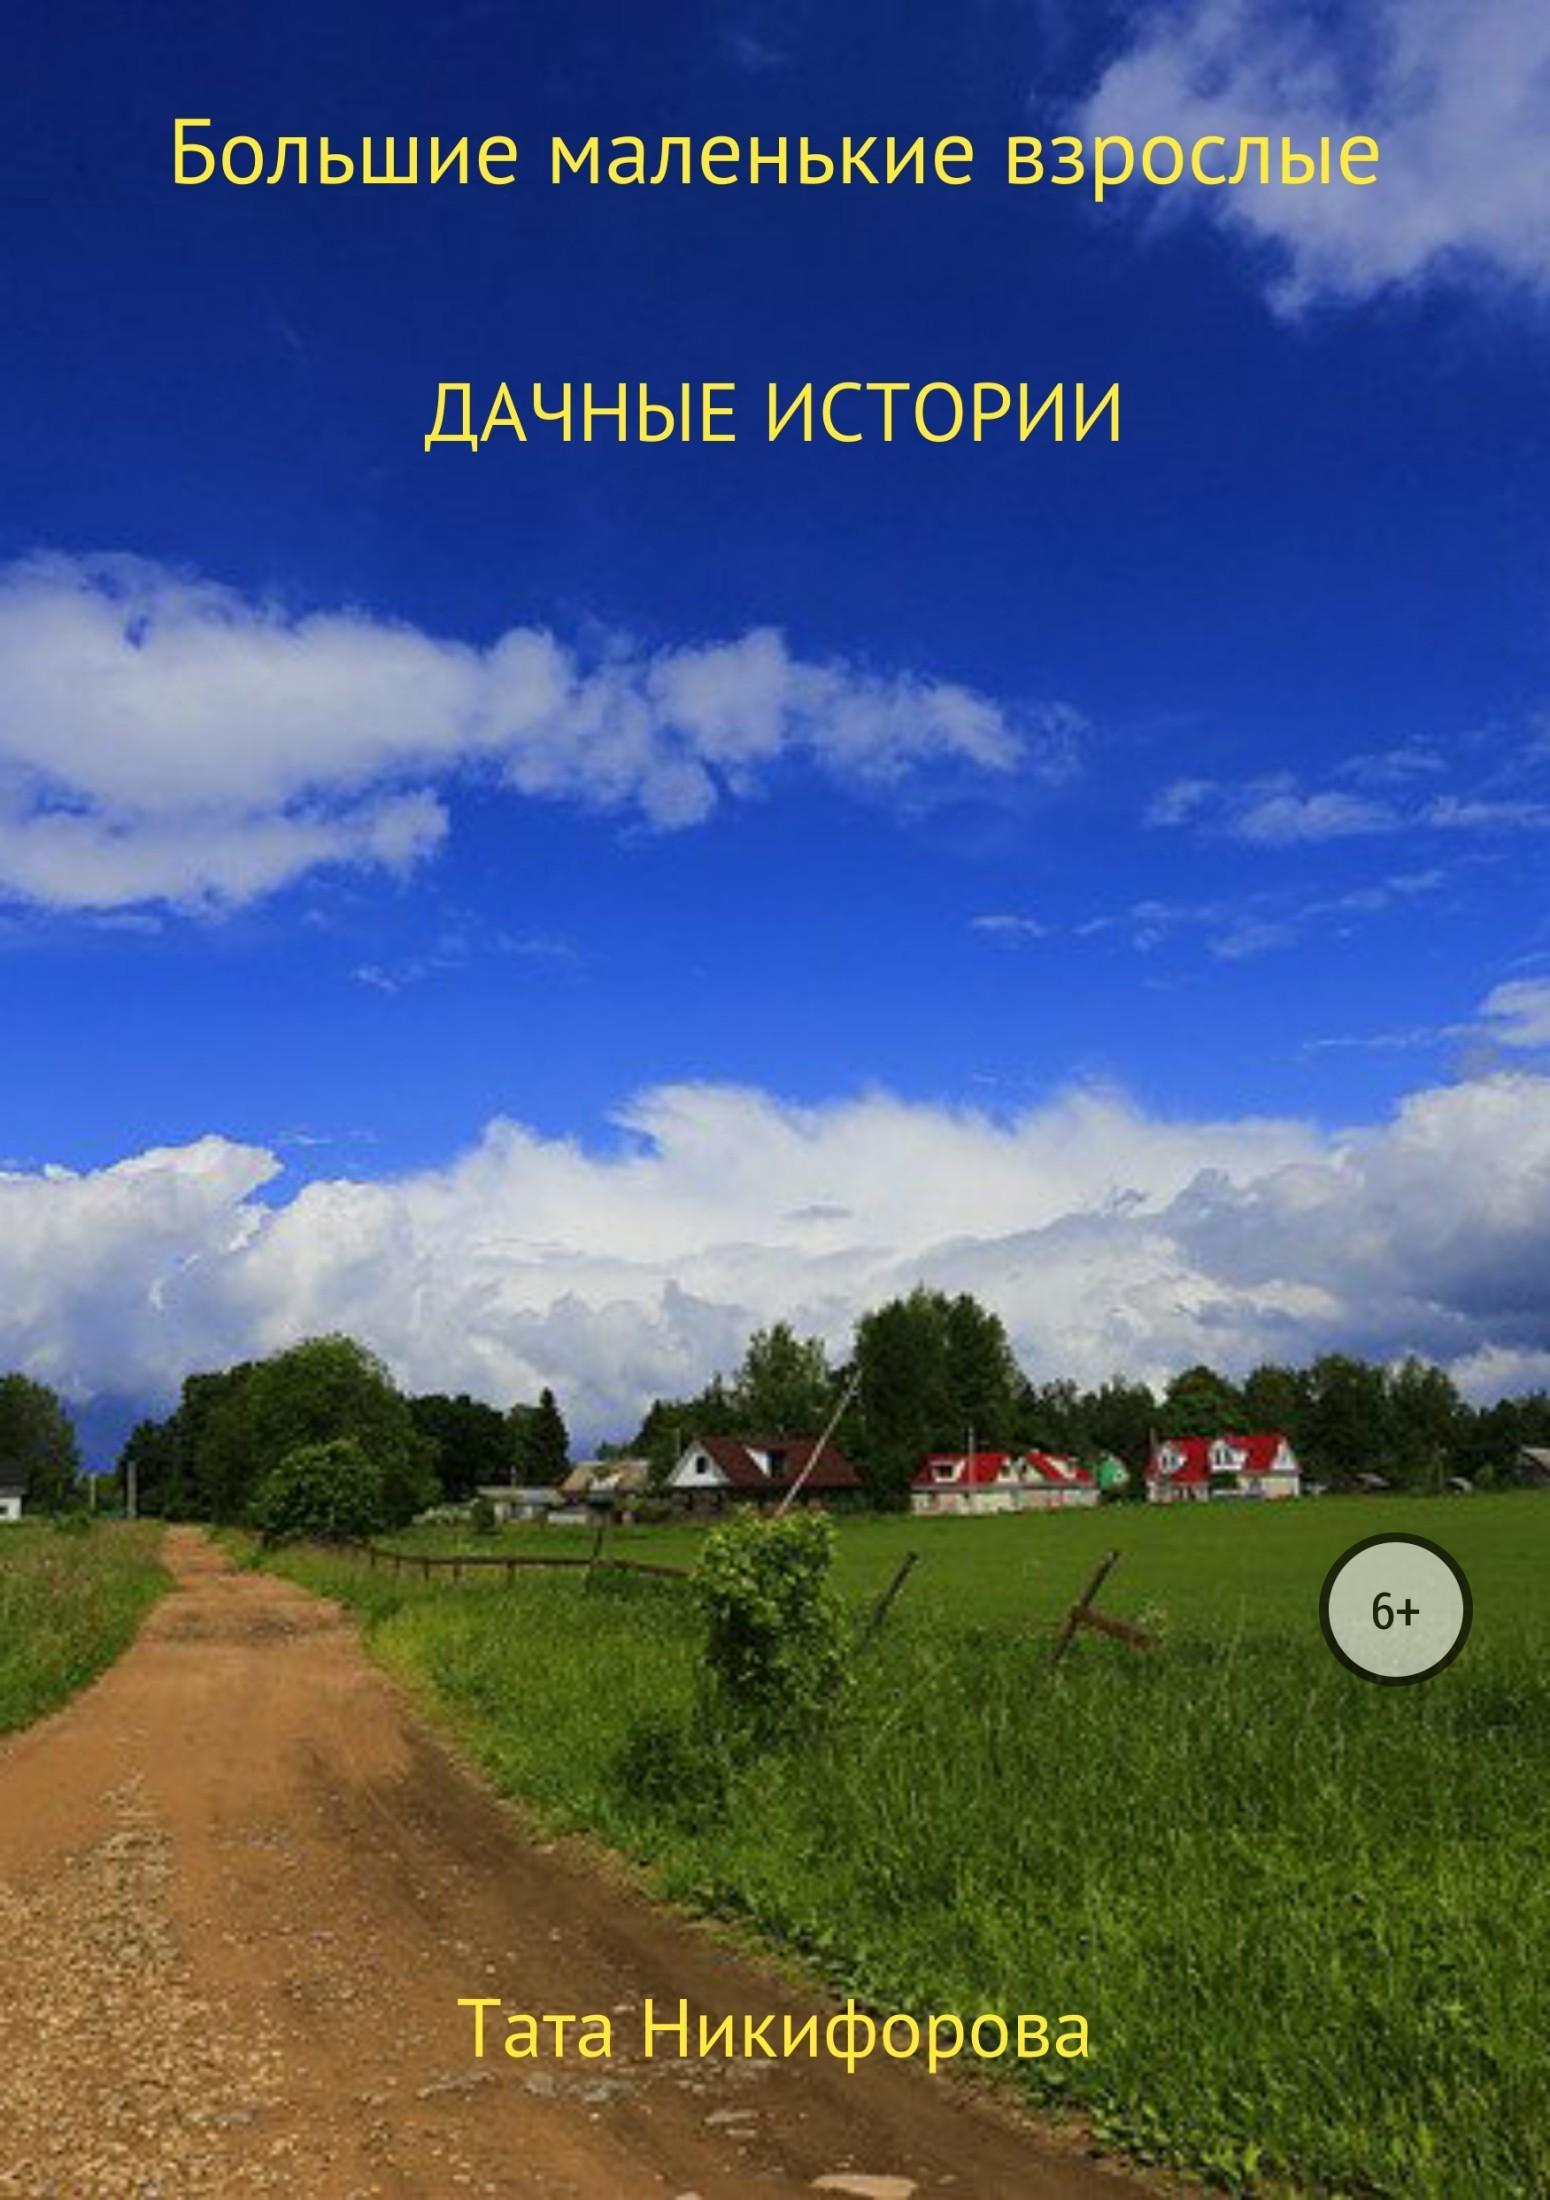 Тата Никифорова - Большие маленькие взрослые